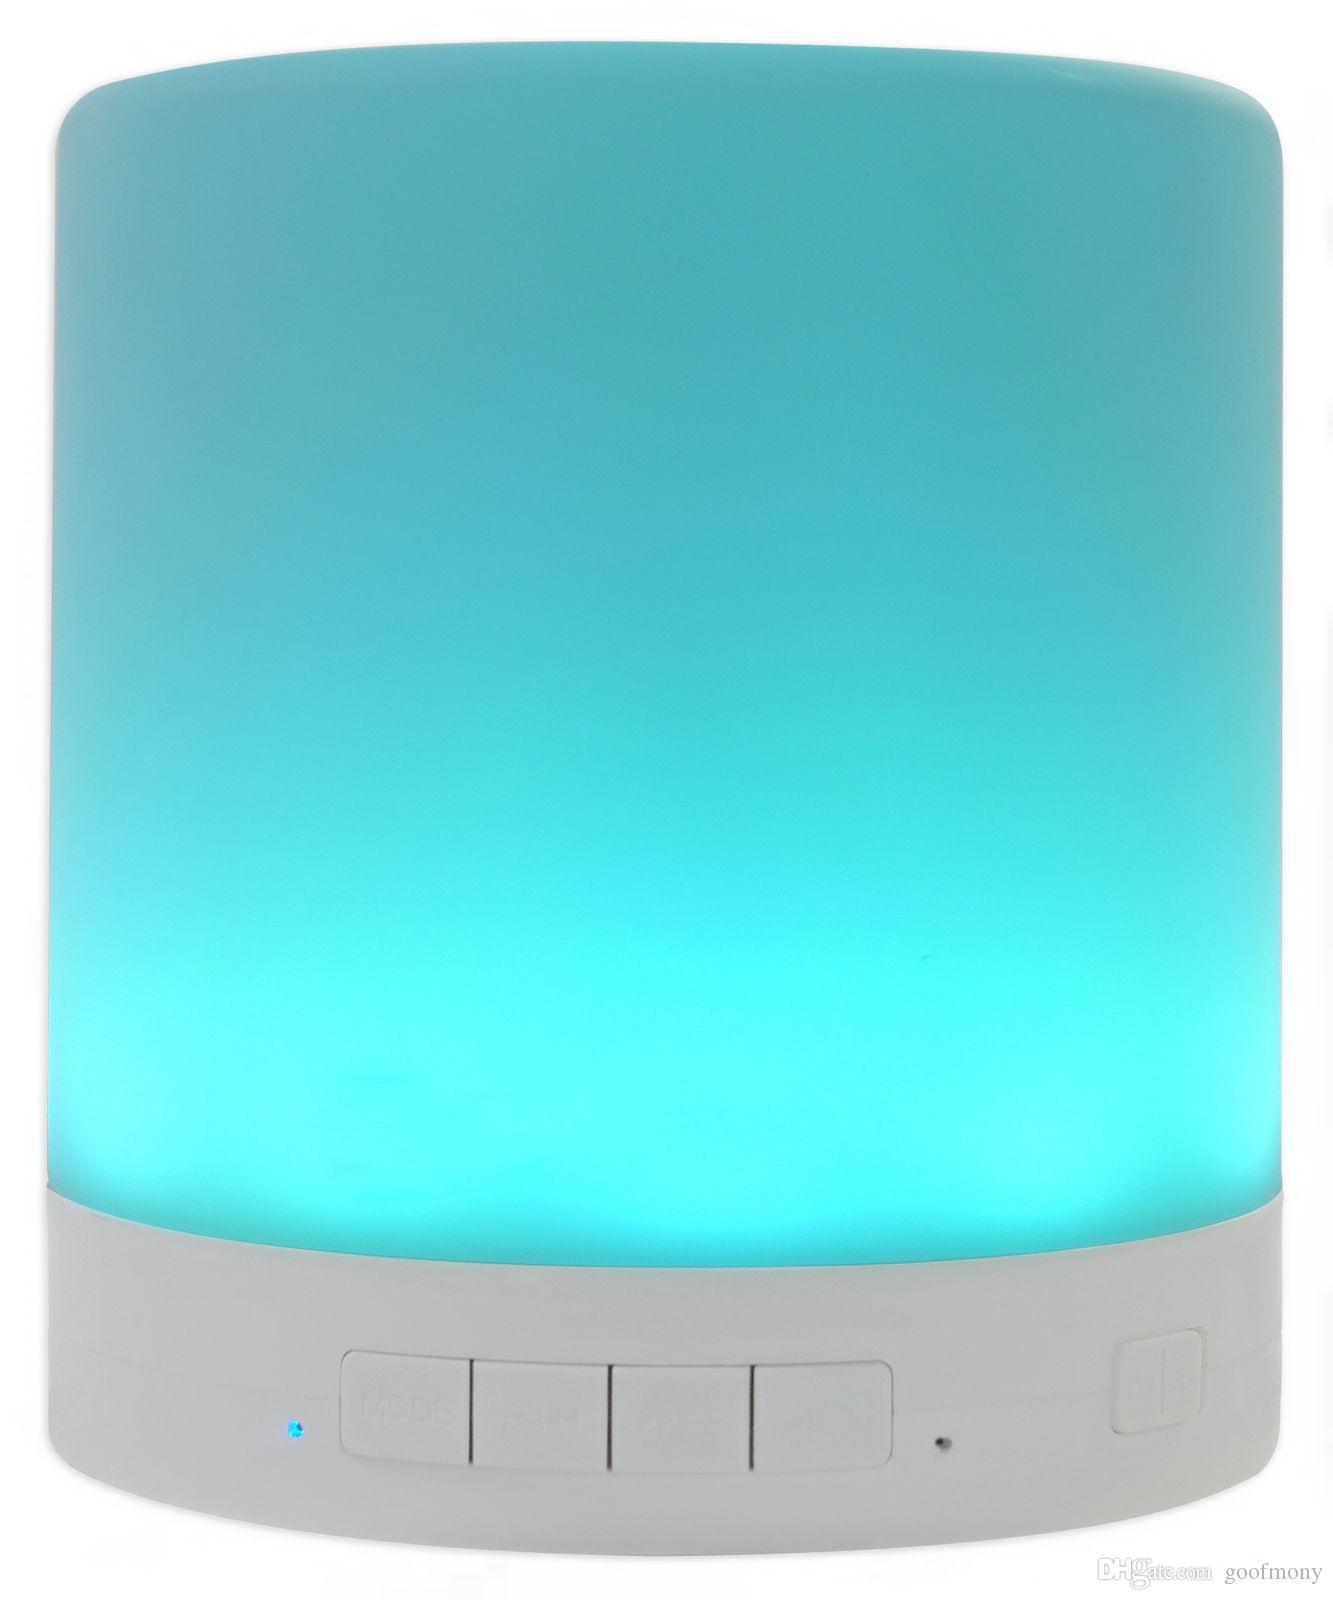 Tragbare drahtlose Berührungssteuerung, Nachtlicht Bluetooth-Lautsprecher mit 7 Farben führte Nachttischlampe, Freisprecheinrichtung